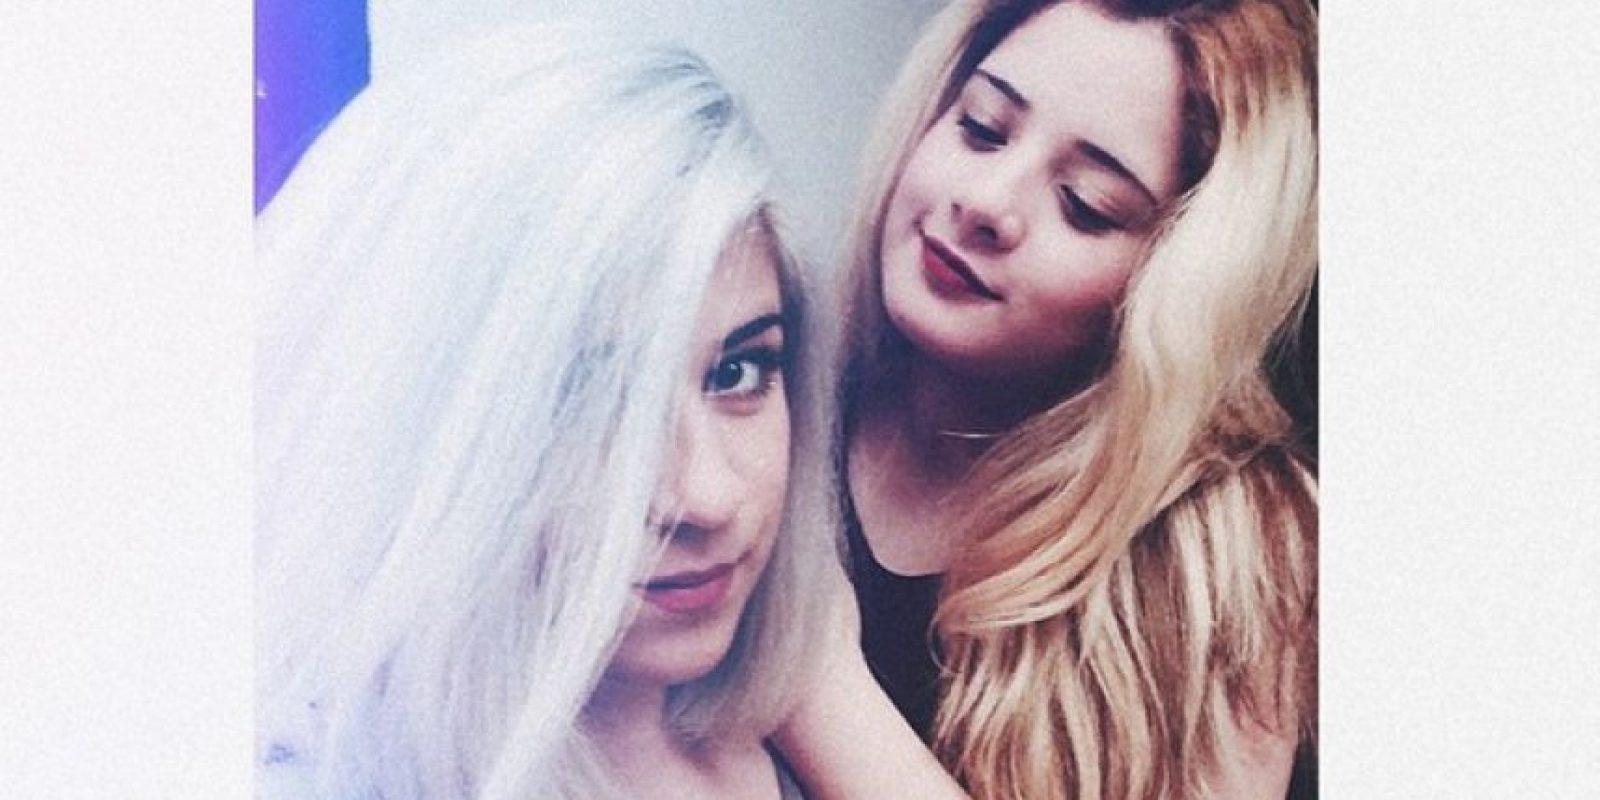 Aquí con su hermana Angie Foto:Instagram Rafaella Chávez